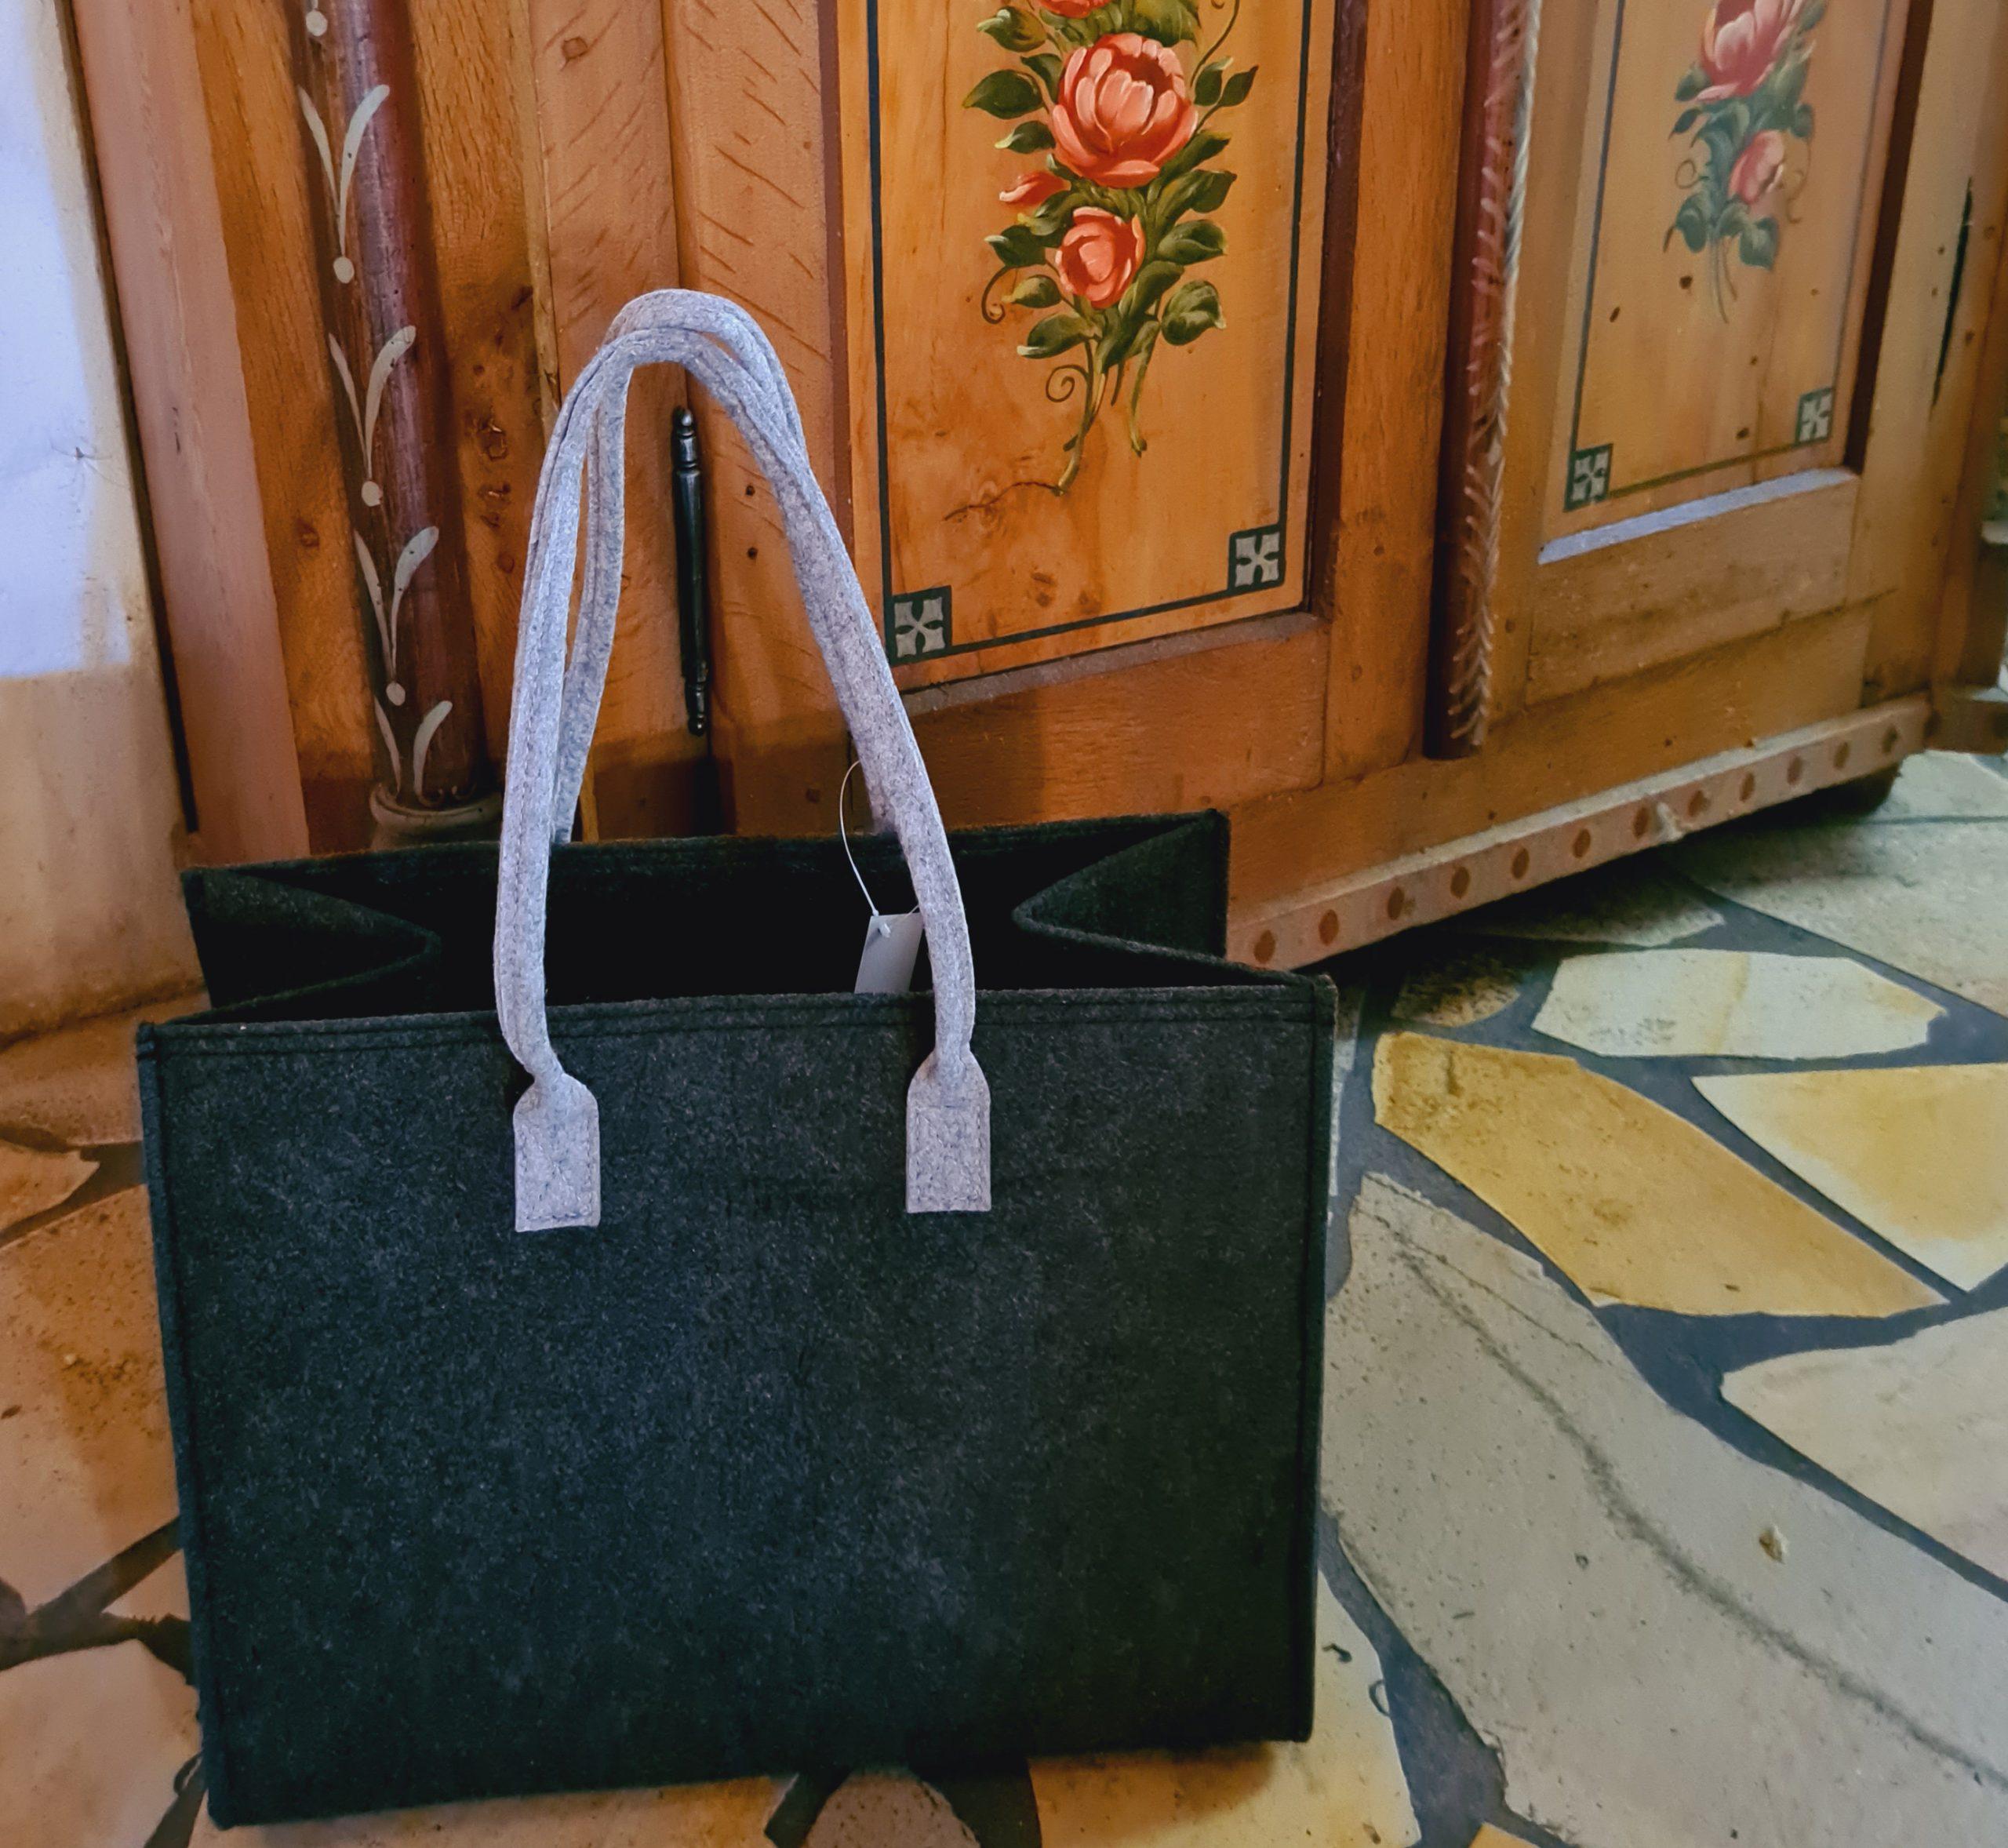 Schwarze Filztasche mit grauen Henkeln - Handgemachte individualisierbare Taschen, Körbe, Tischsets, Dekoartikel und mehr auf fideko.de der Onlineshop seit 2011